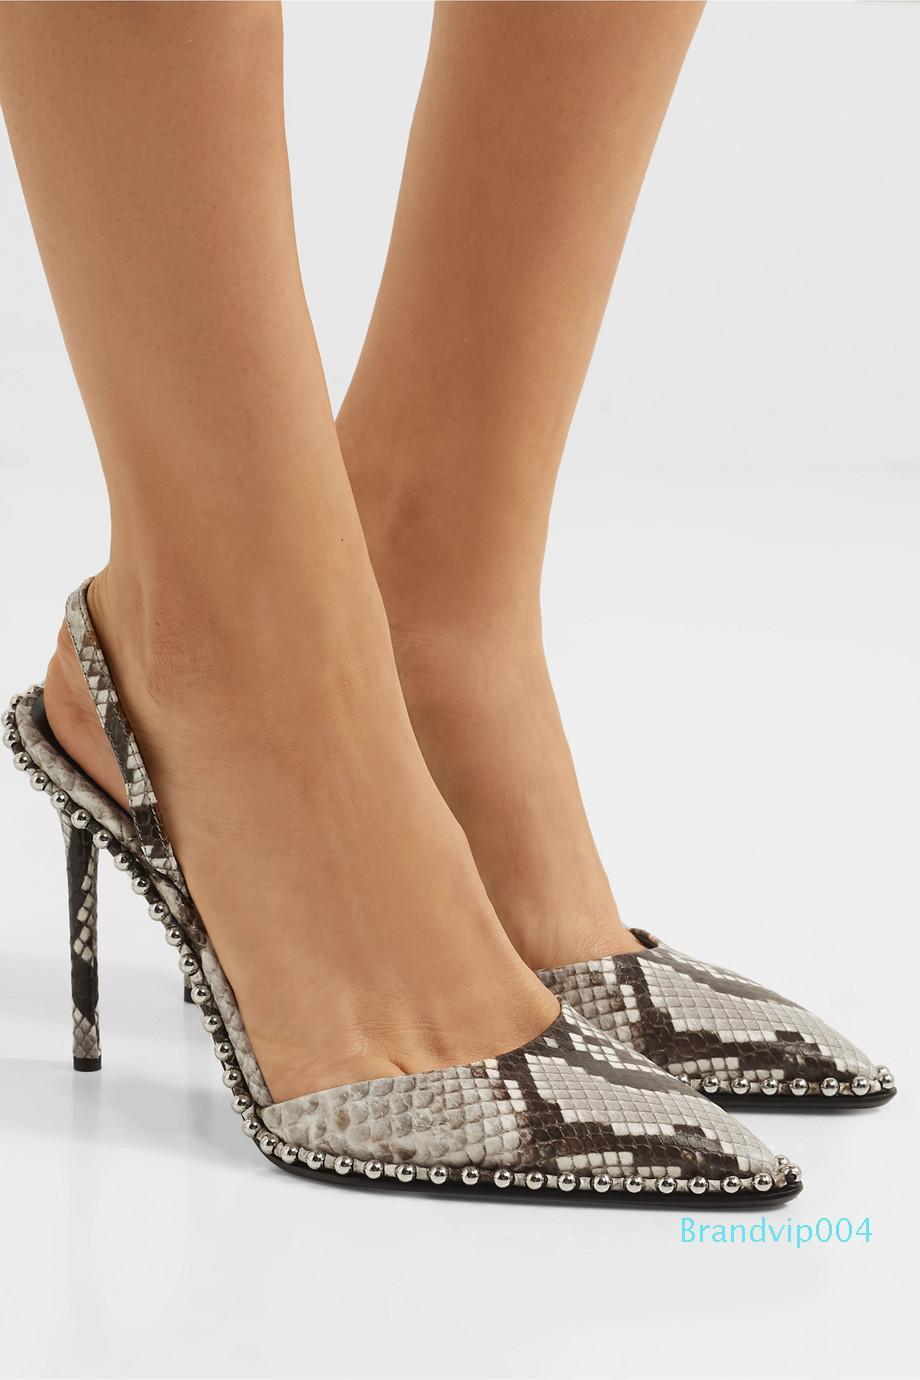 2019 grenzüberschreitend ausschließlich für Damenmode Schuhe, spitz Schlange besetzte hochhackige Schuhe, Außenhandel Damenschuhe, plus Größe